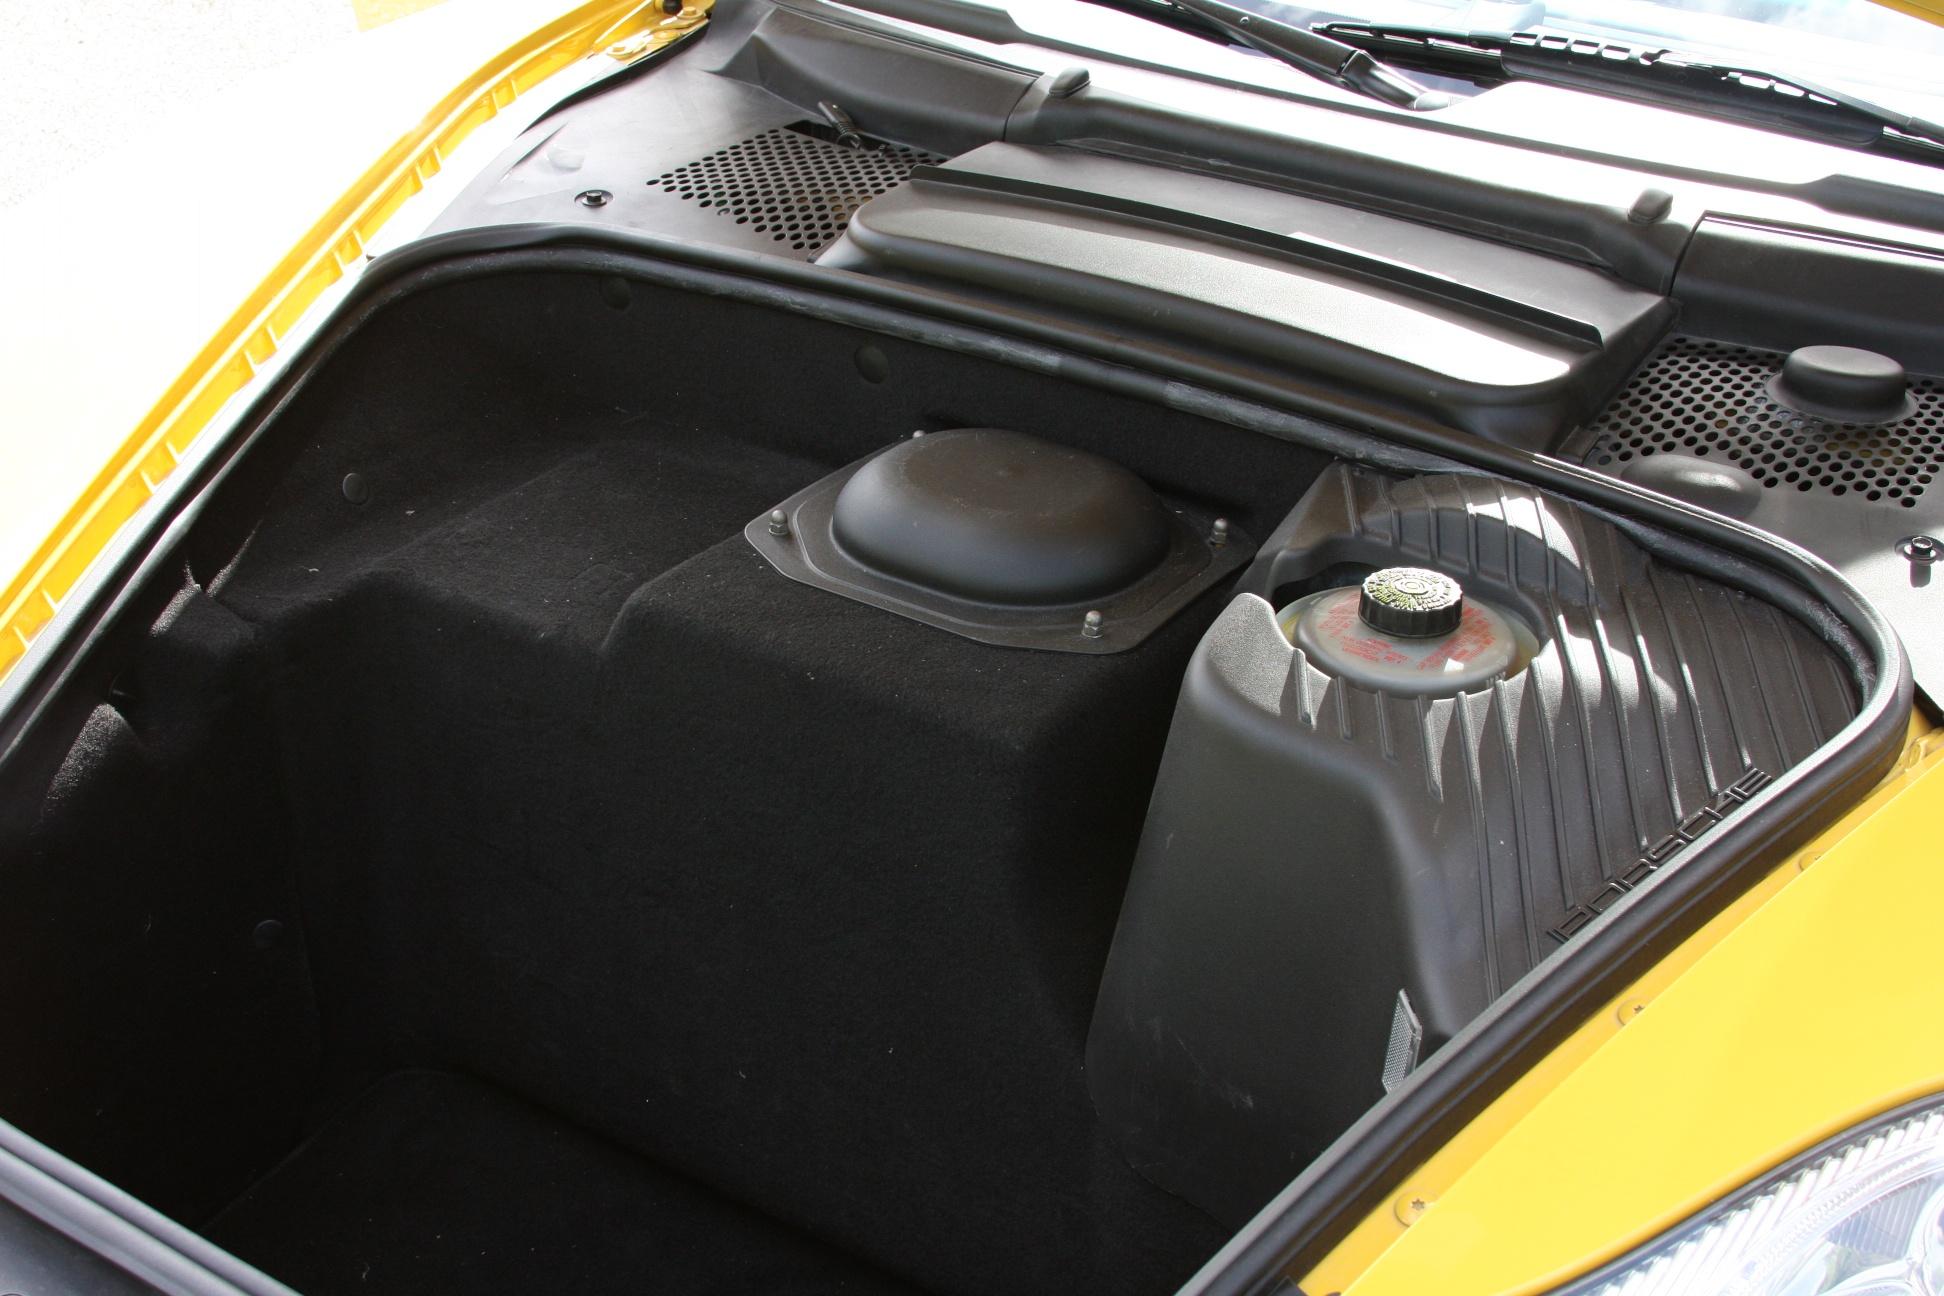 2004 Porsche 911 GT3 (4S692280) - 24.jpg